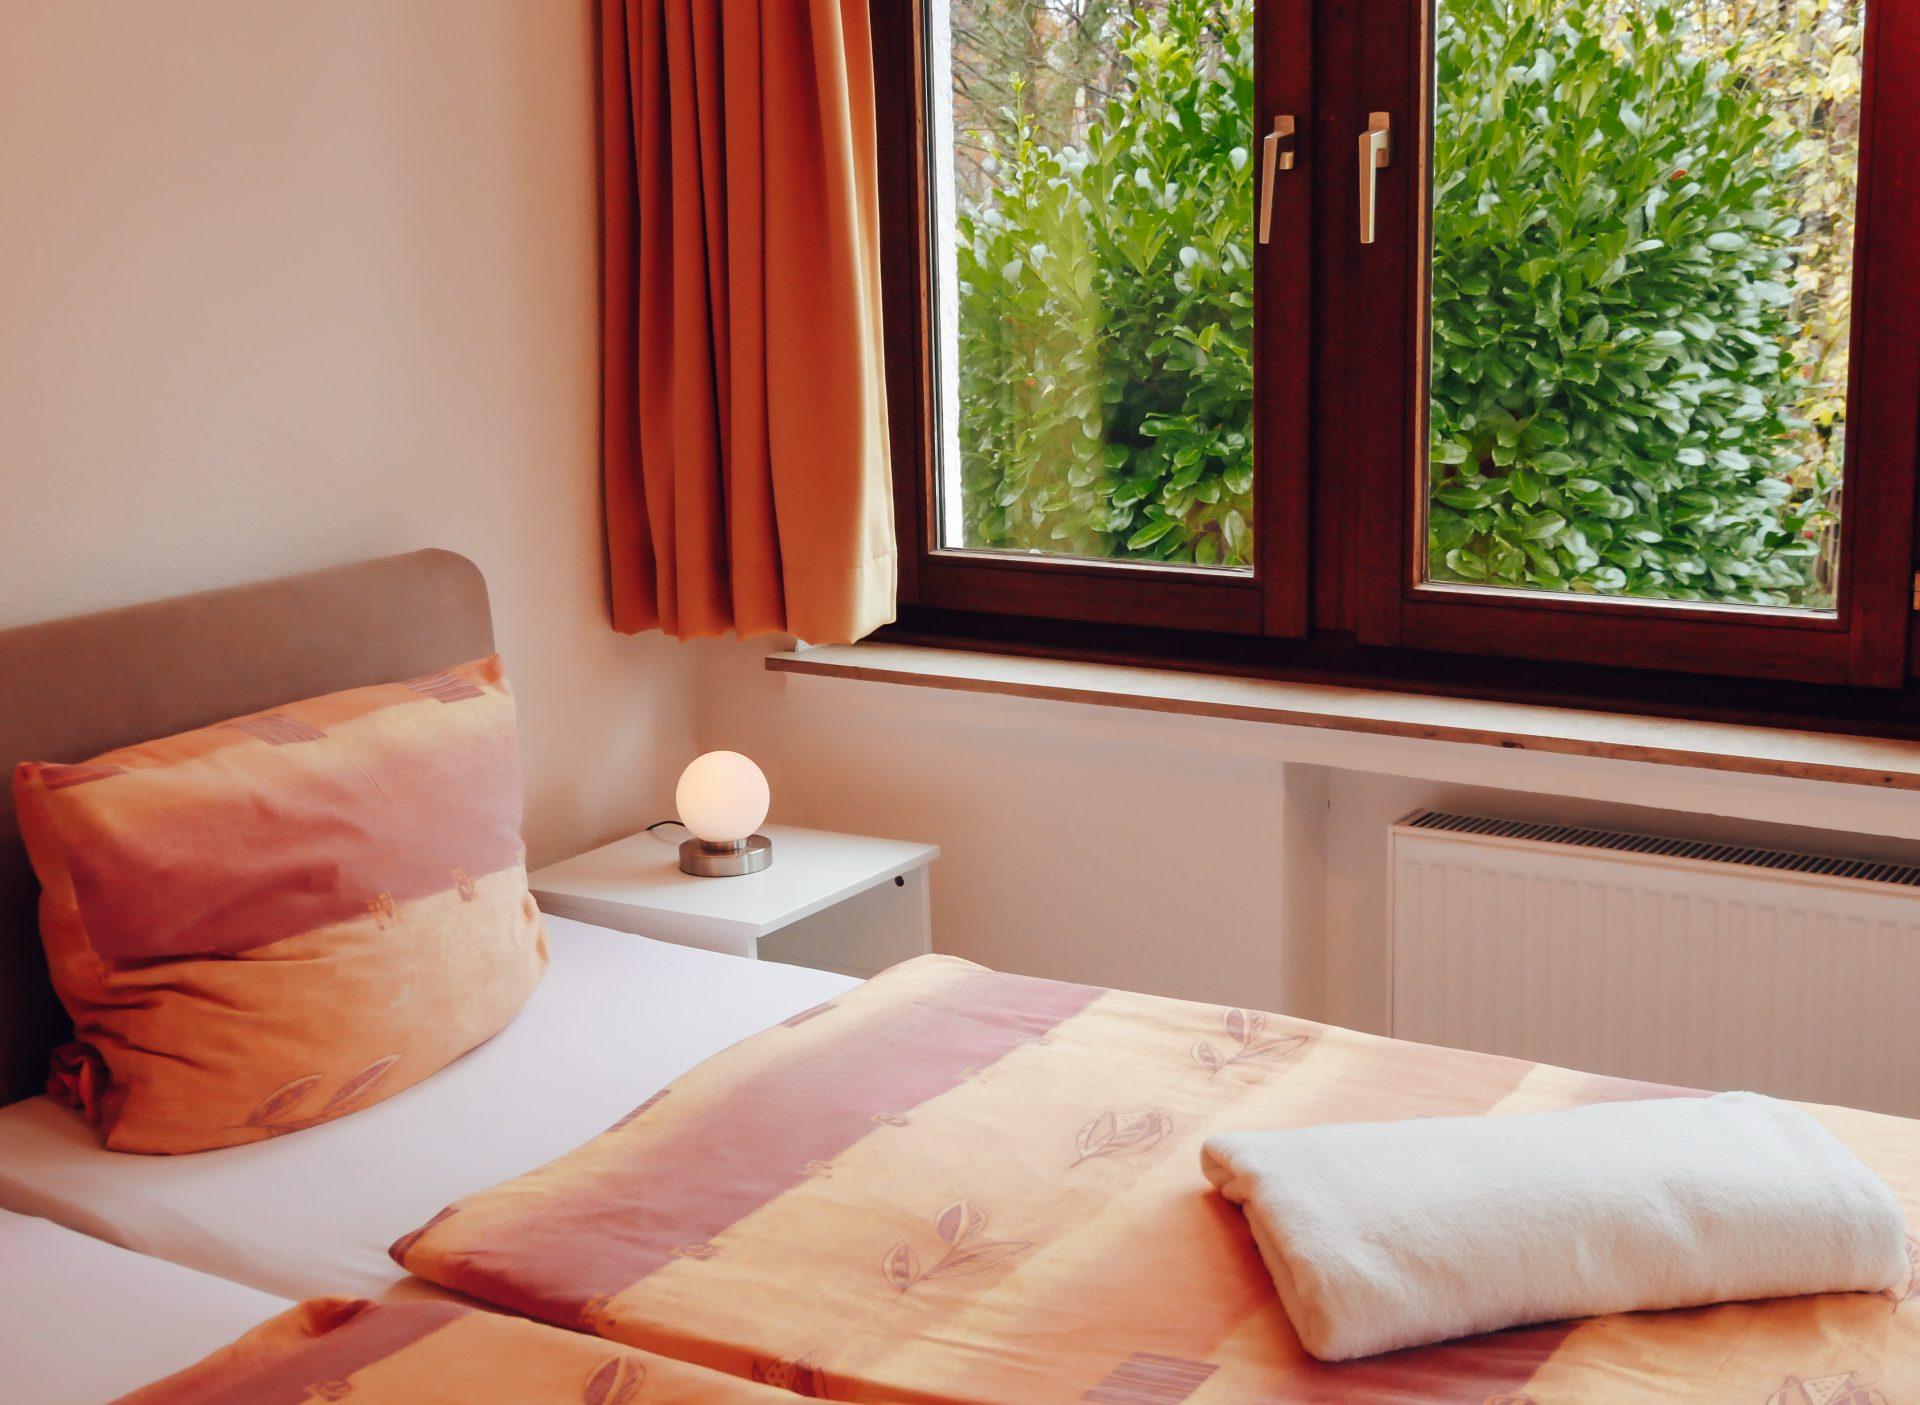 Zimmer in Lindlar » Bellevue im Bergischen Land » frisch bezogenes Bett mit bunter Bettwäsche